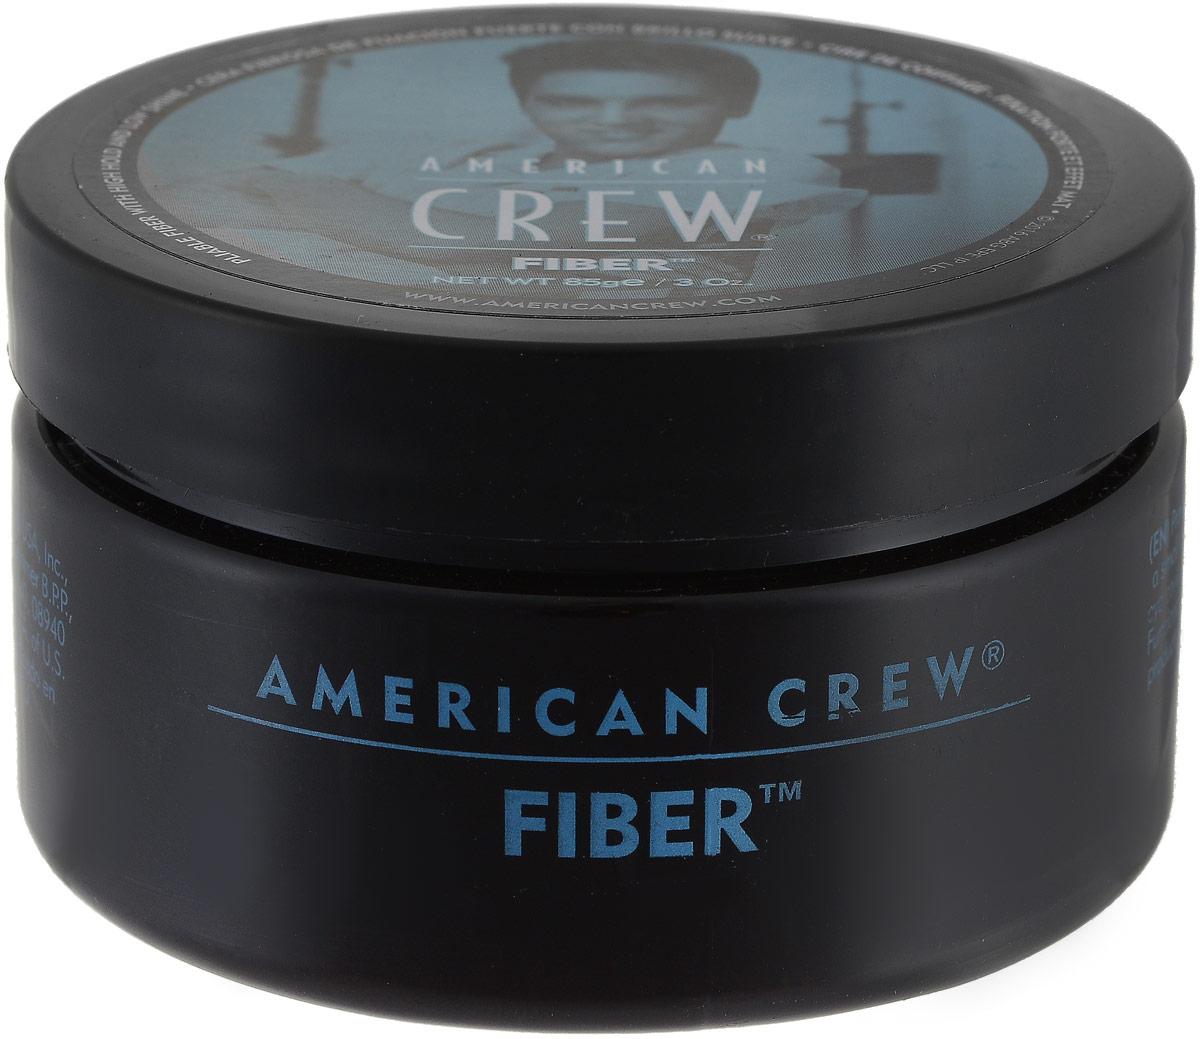 American Crew Паста высокой фиксации с низким уровнем блеска Fiber Gel 85 г american crew формирующая глина для волос мужская сильной фиксации со средним уровнем блеска king classic molding clay 85 г page 4 page 4